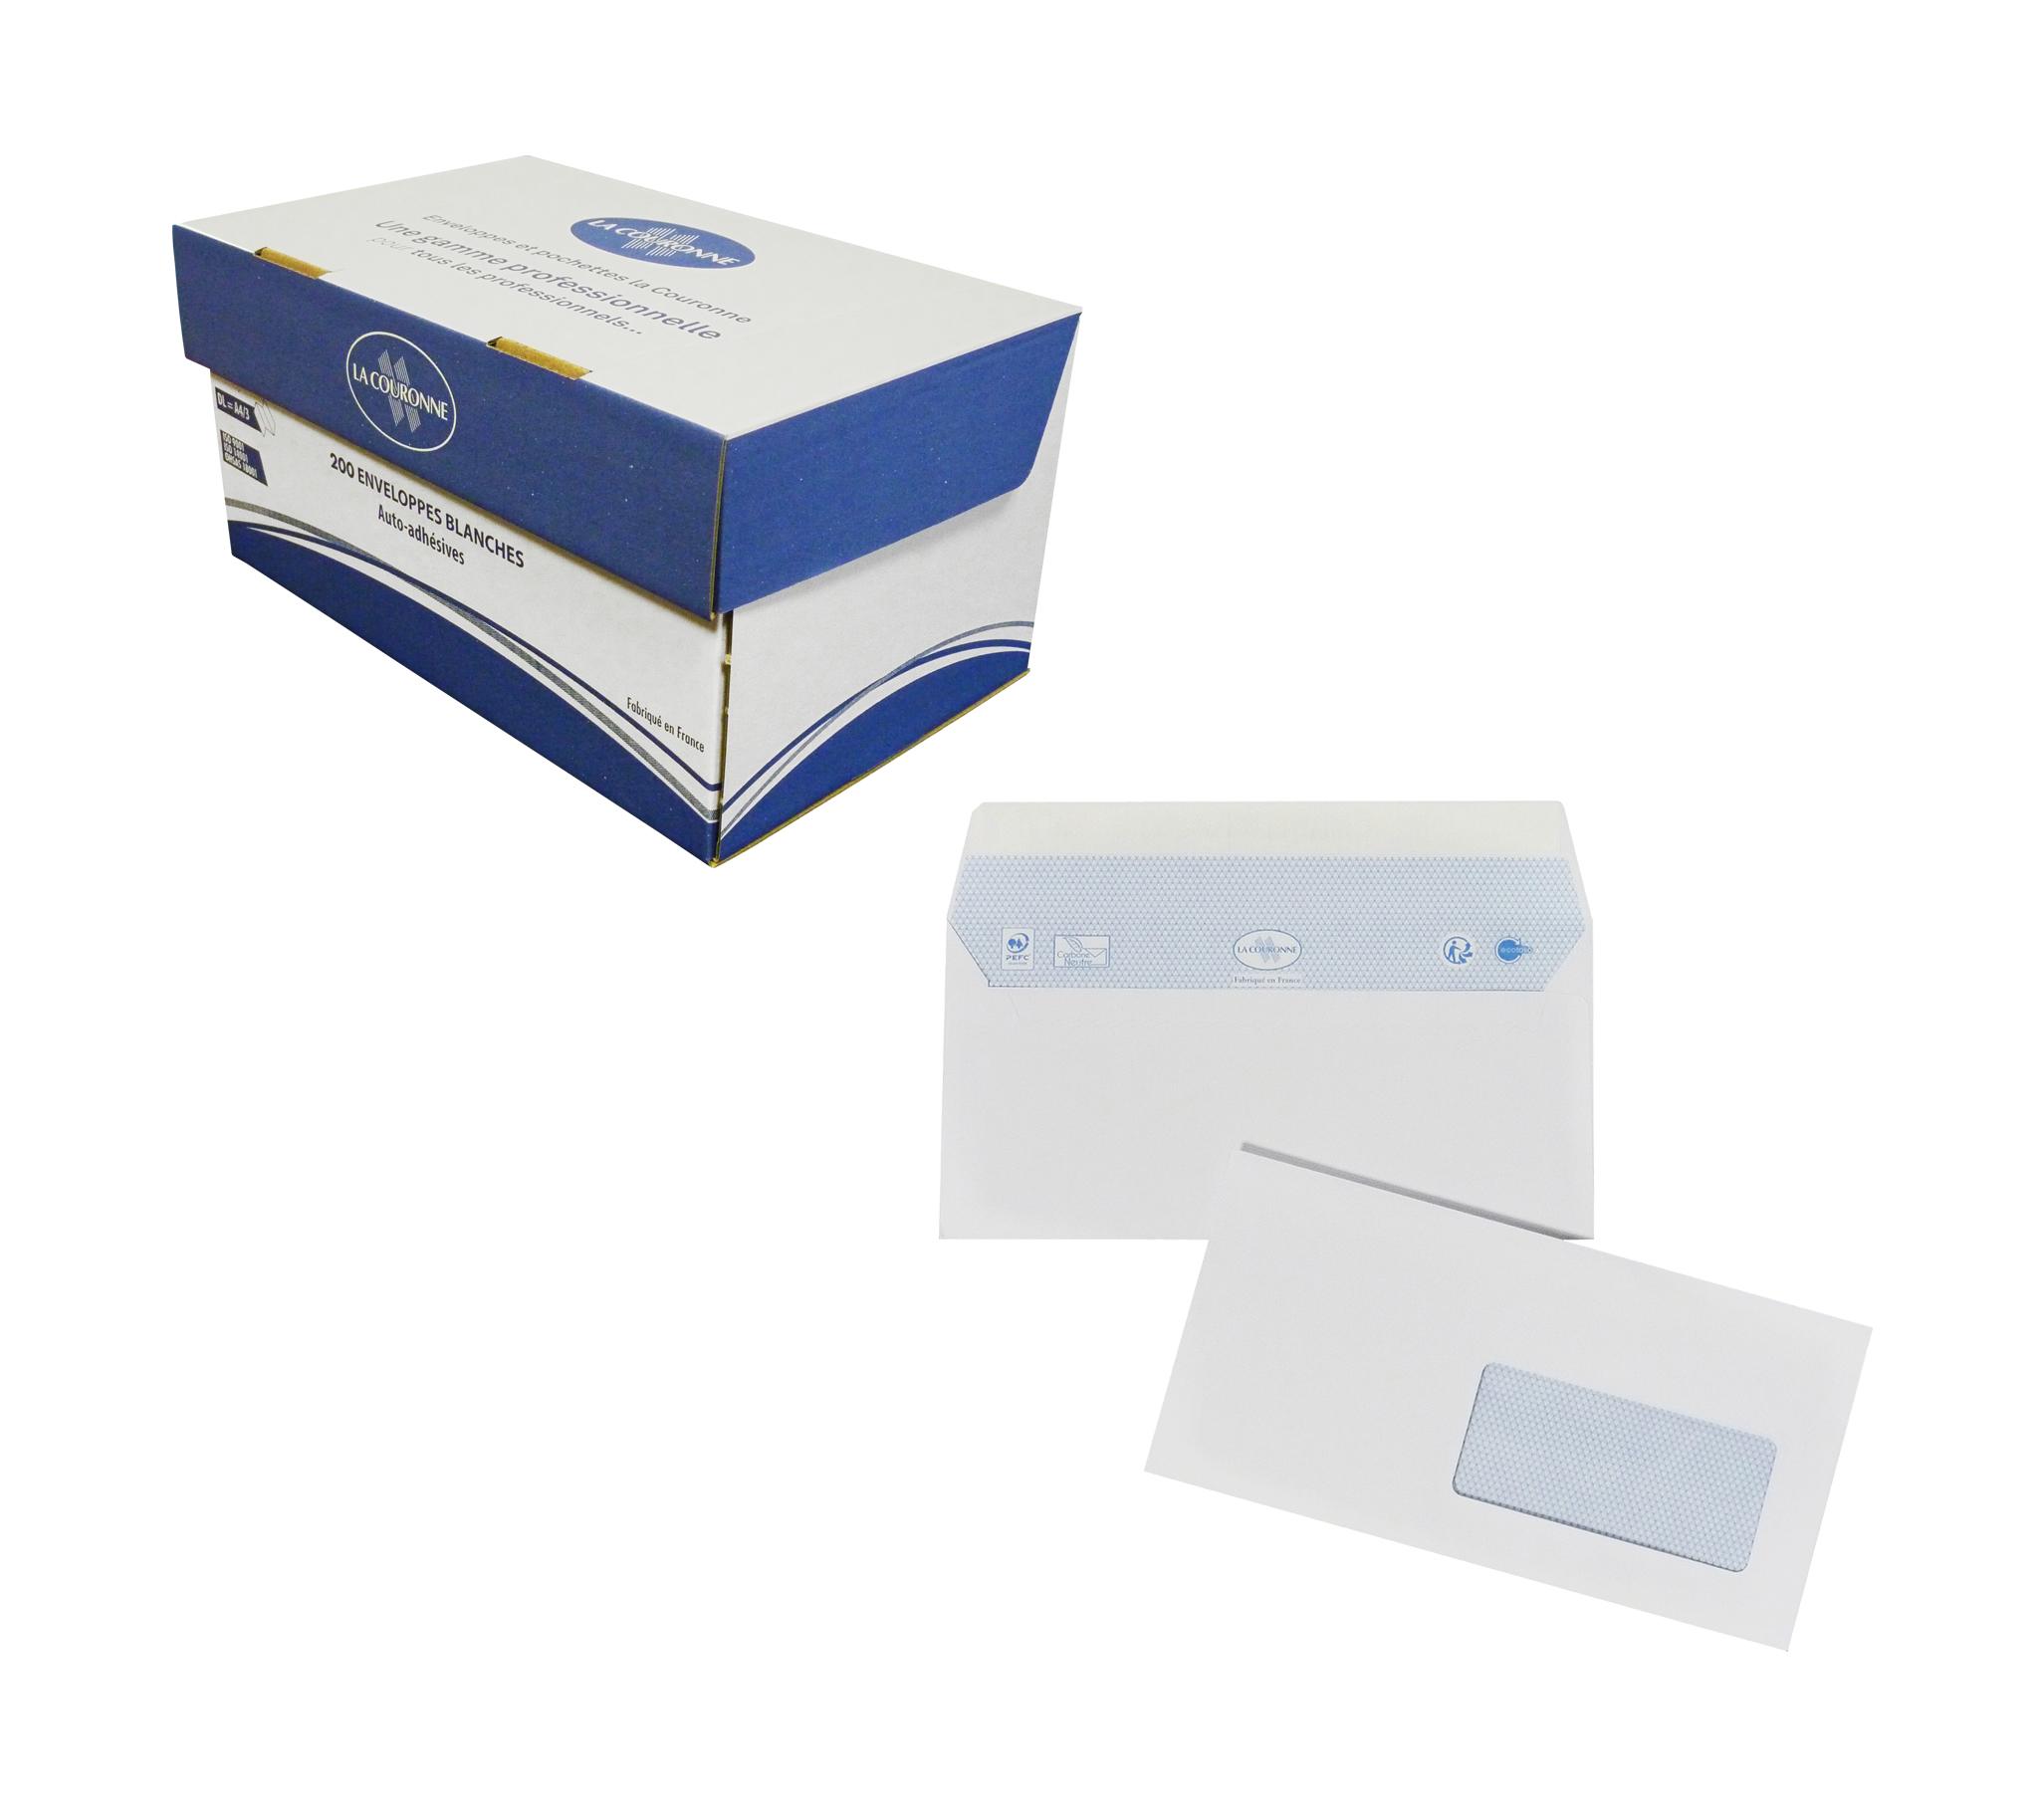 La Couronne - 200 Enveloppes DL 110 x 220 mm - 100 gr - blanc - fenêtre 35x100 mm - bande auto-adhésive